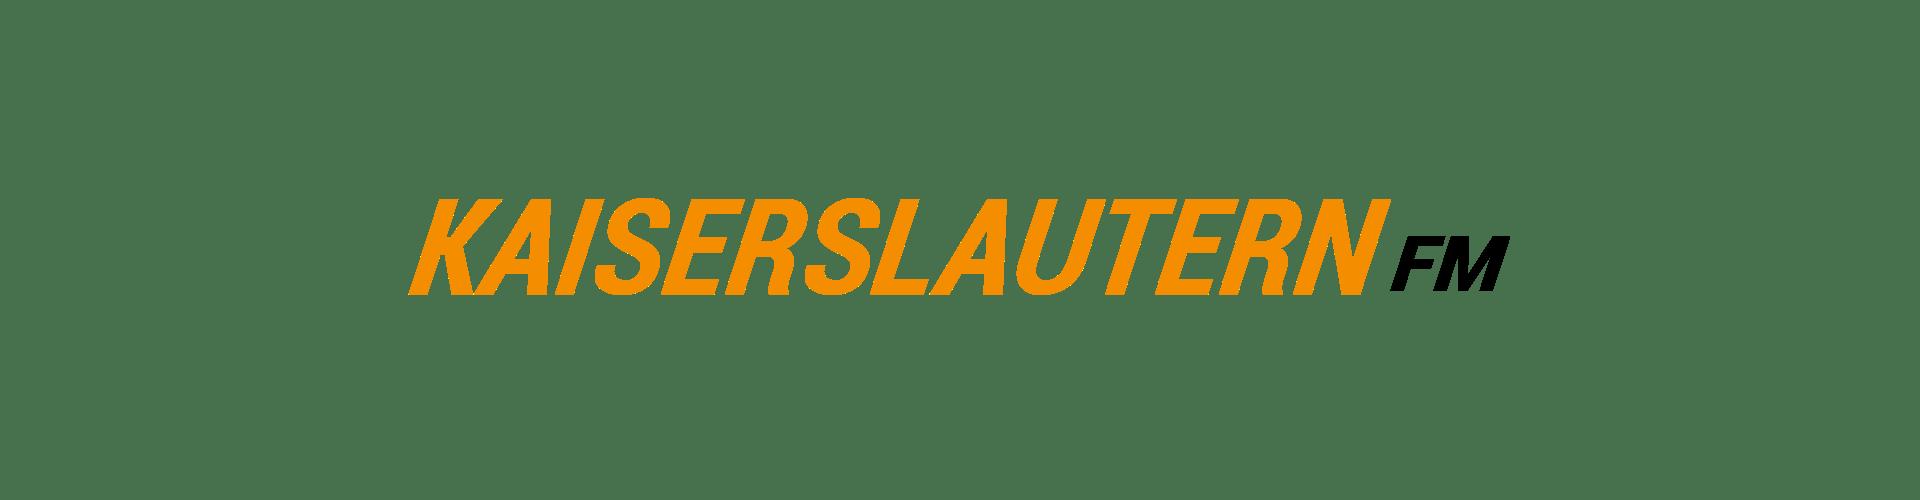 Kaiserslautern FM